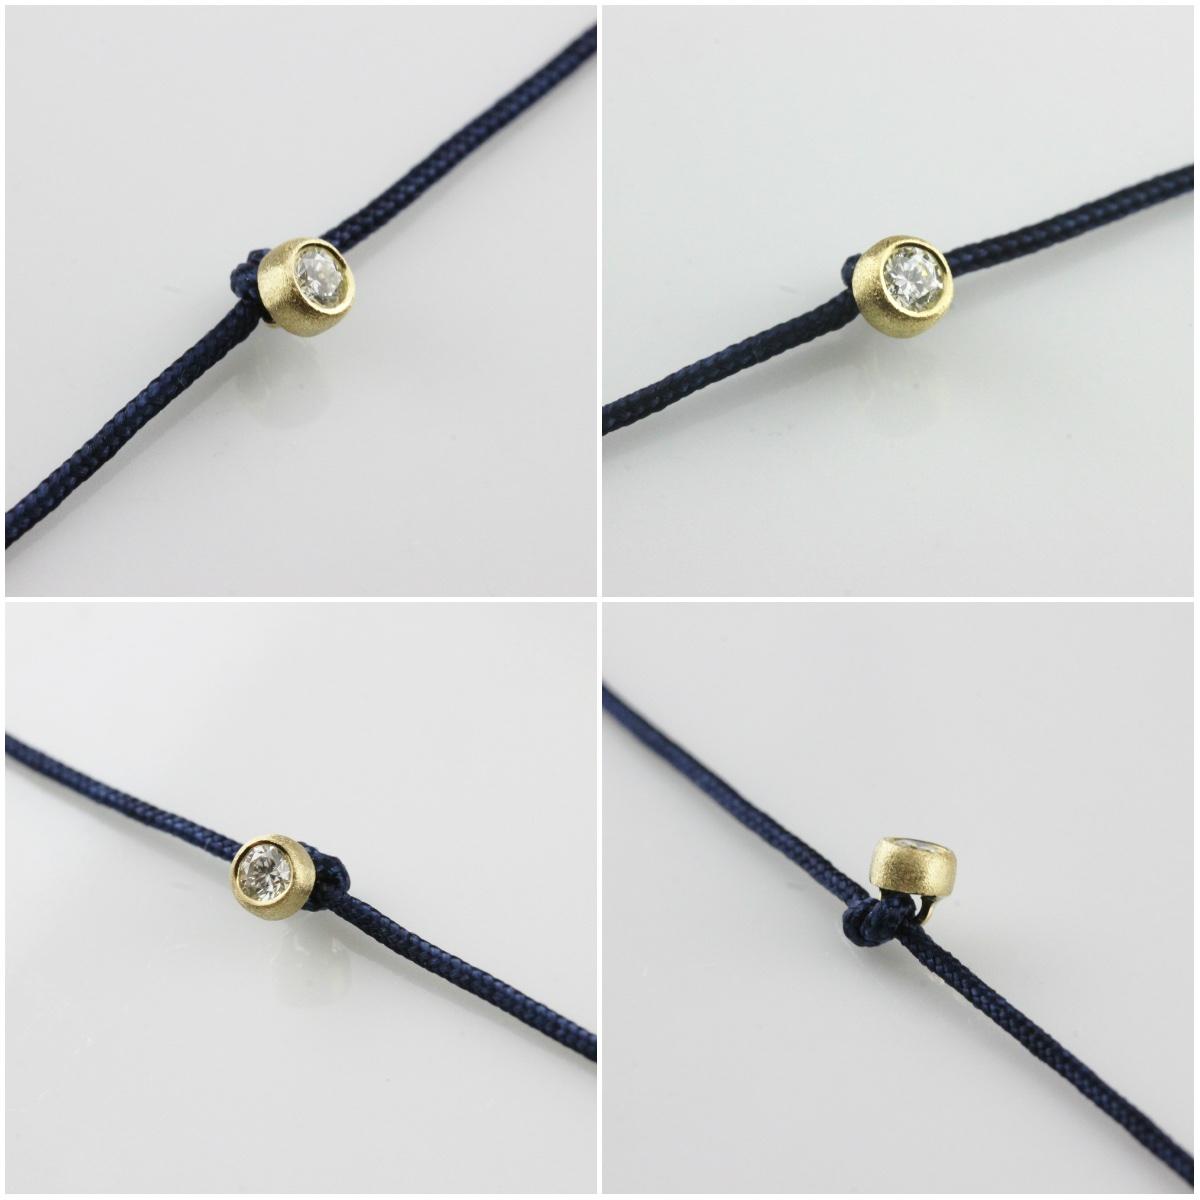 ピナコテーカ 726 マット ベル 一粒ダイヤモンド サテンコード 紐ブレスレット 18金,Diamond Satin Cord Bracelet K18